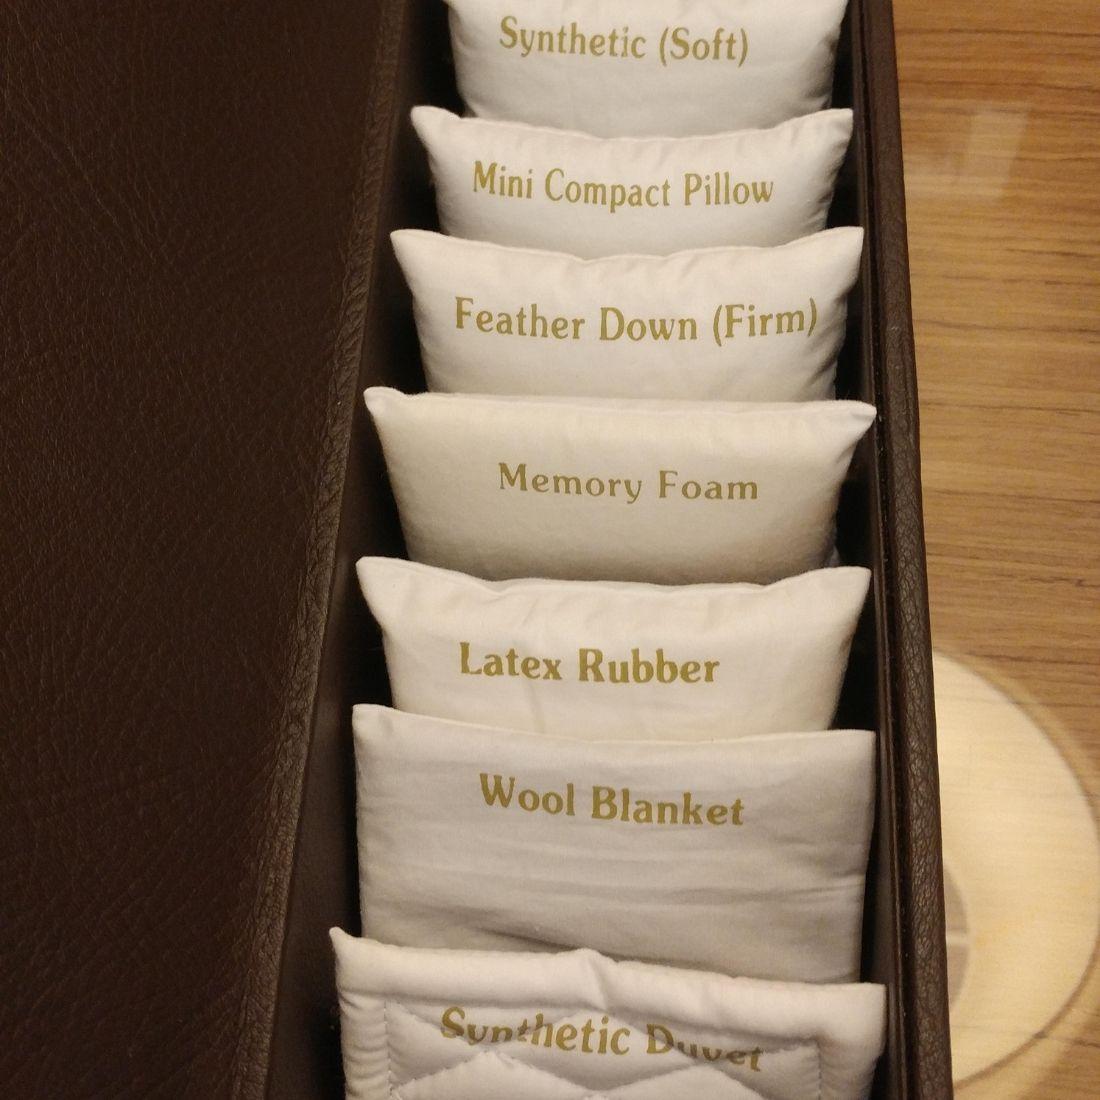 pillow menu in hotel